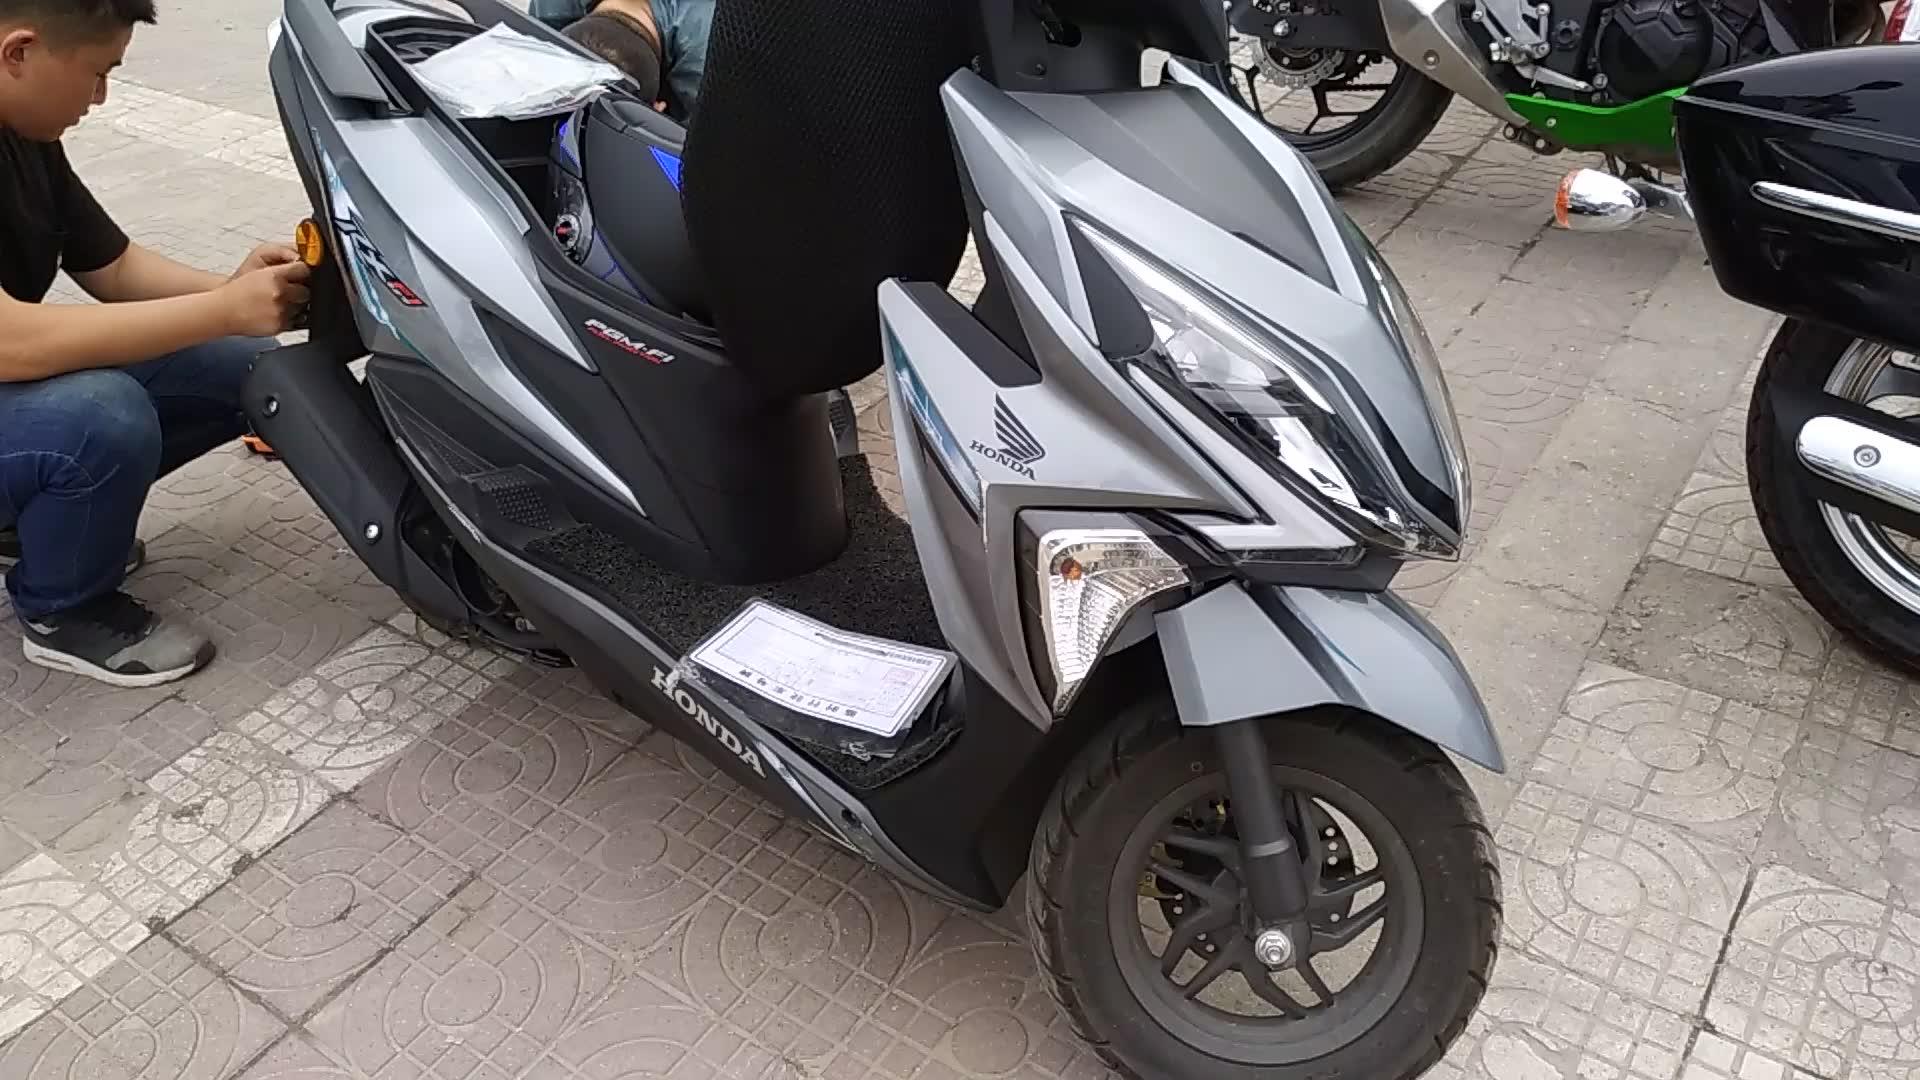 本田魔戟边箱_新大洲本田125,本田PGM-Fi电喷,同级别踏板摩托车中就选它_哔哩